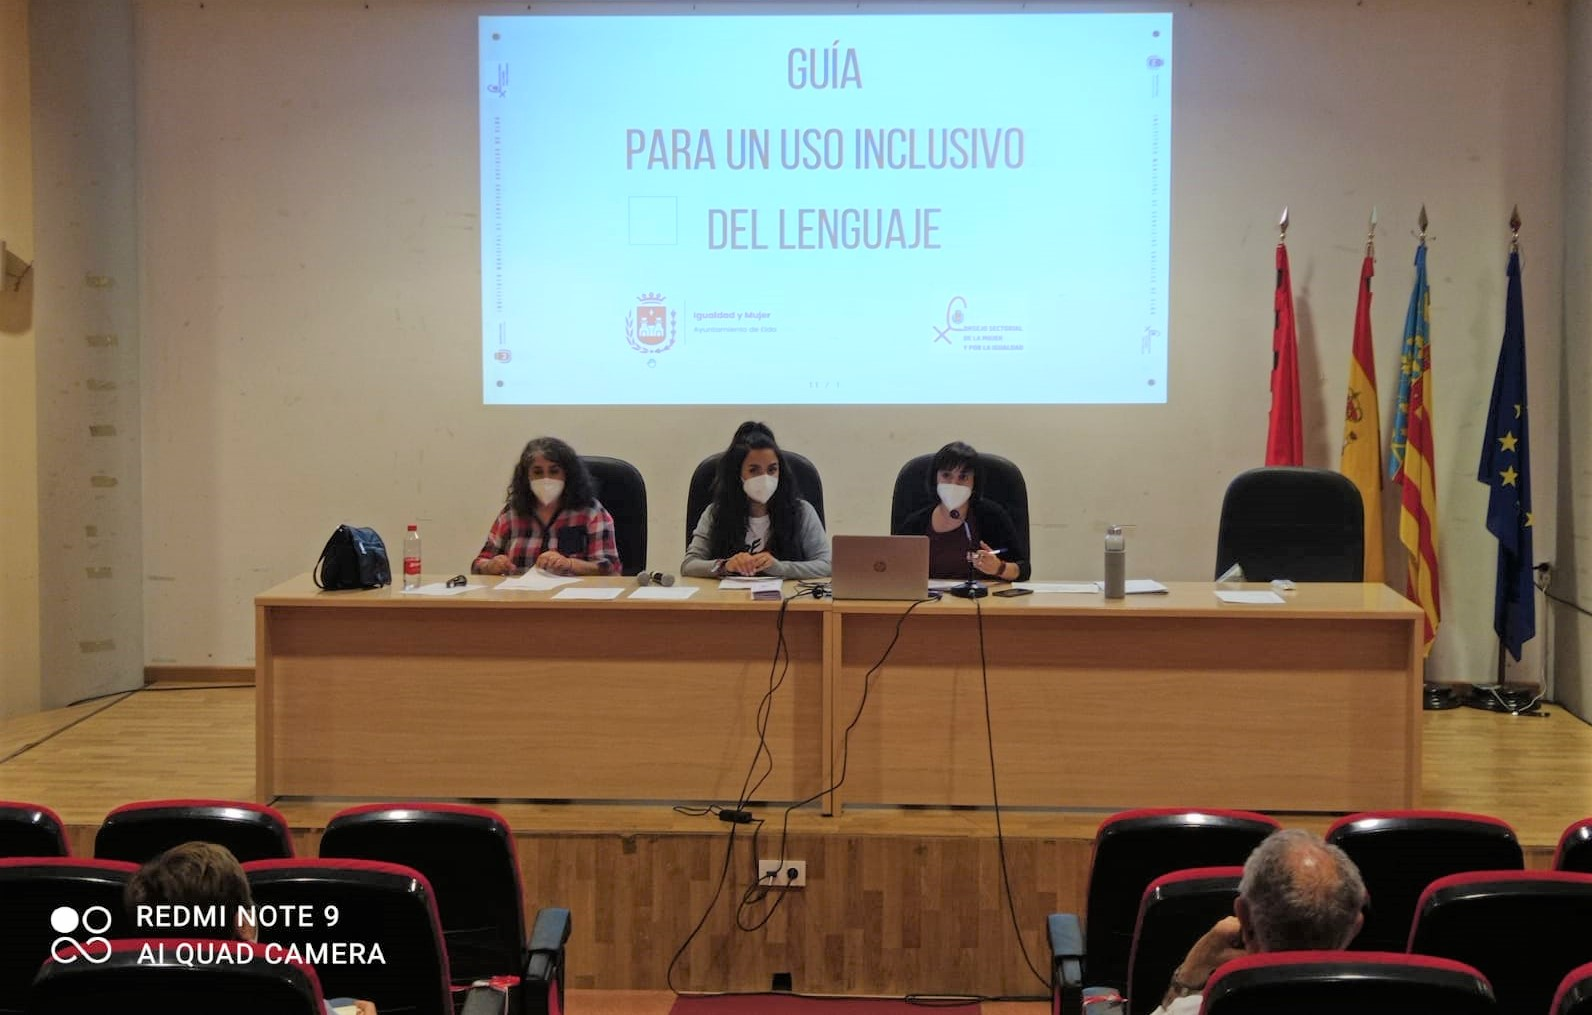 El Ayuntamiento de Elda presenta la Guía de Lenguaje Inclusivo durante una sesión formativa dirigida al tejido asociativo de Elda